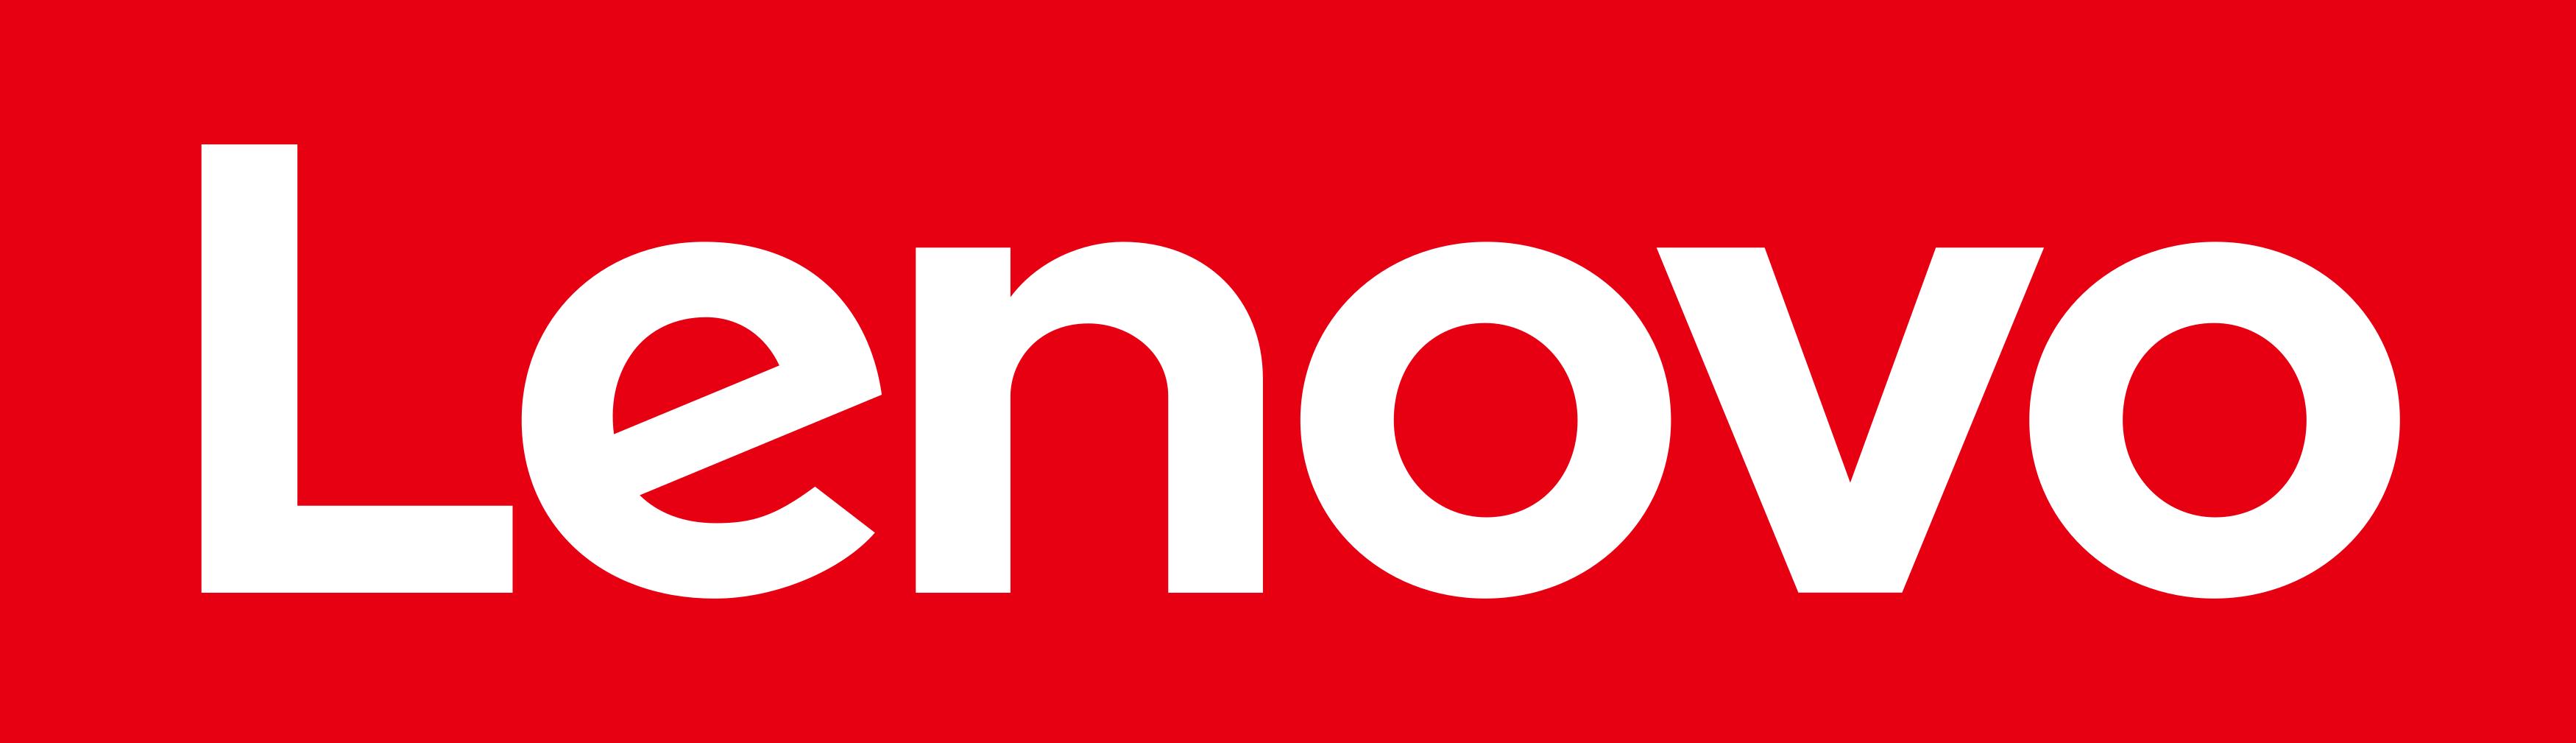 lenovo logo 1 1 - Lenovo Logo